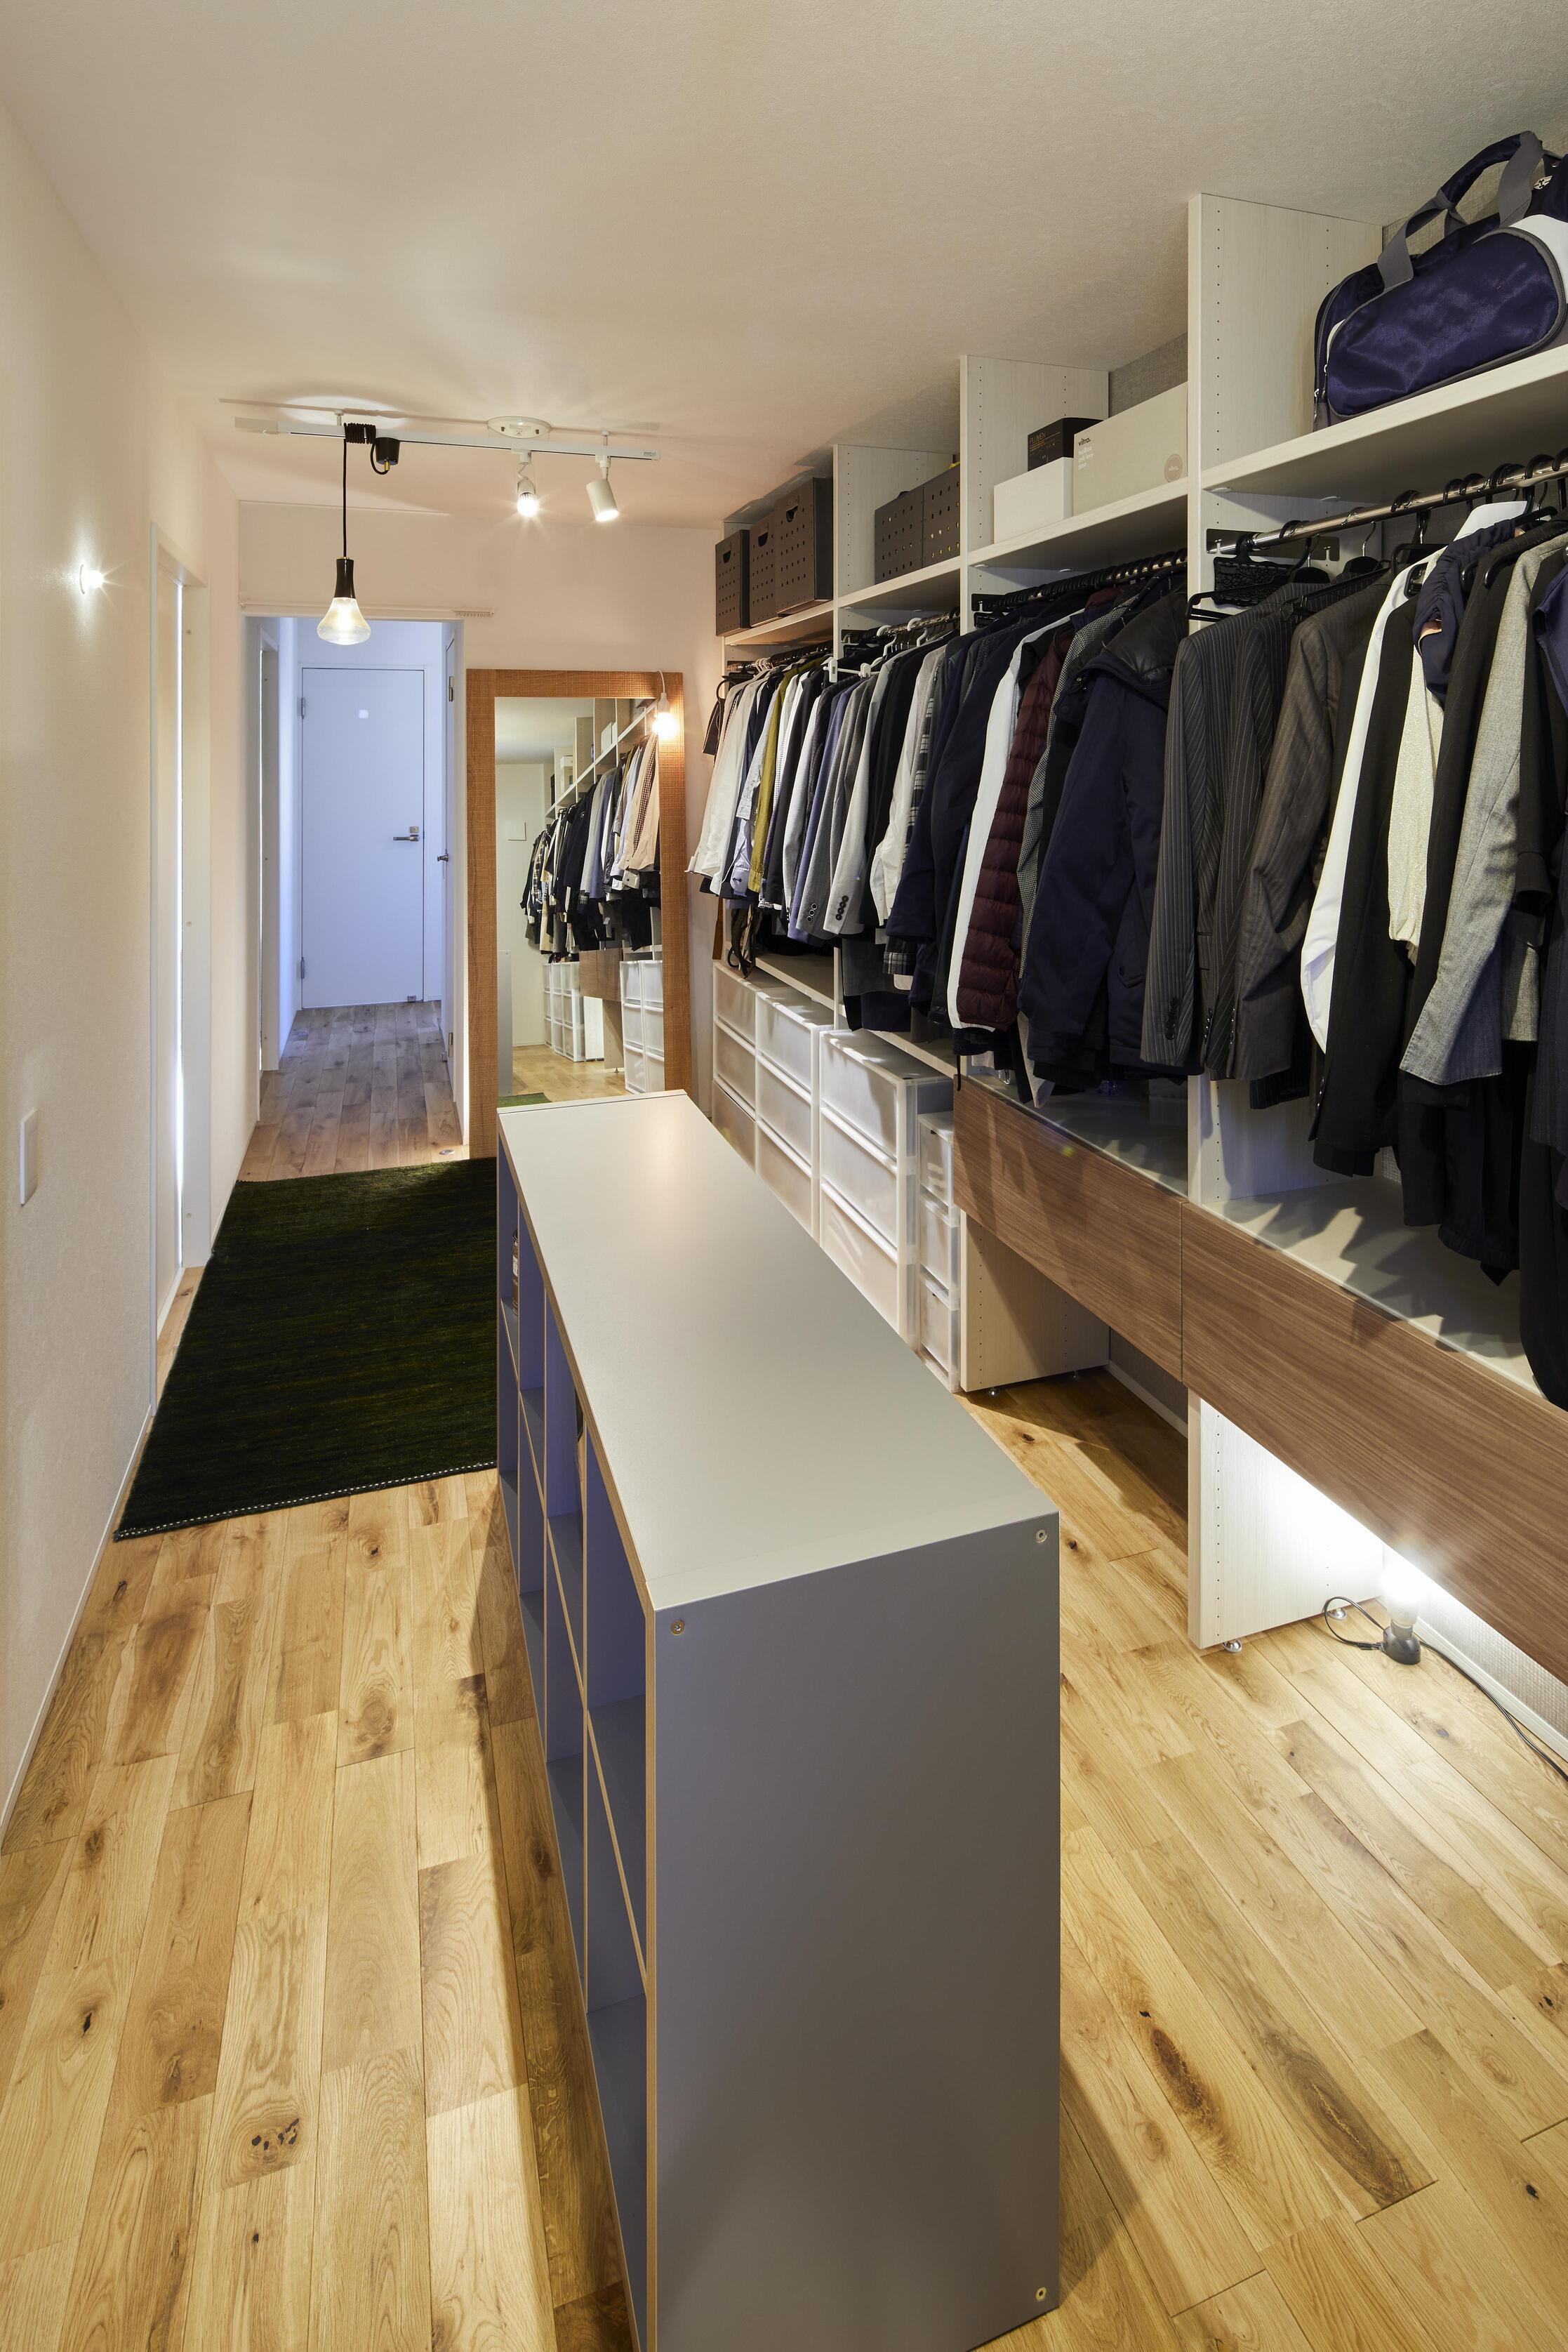 2階ホールにはファミリークローゼットを設計。家族の衣類をまとめて収納できることに加え、オシャレなショップのような雰囲気も味わえ、毎日の服選びも楽しくなる